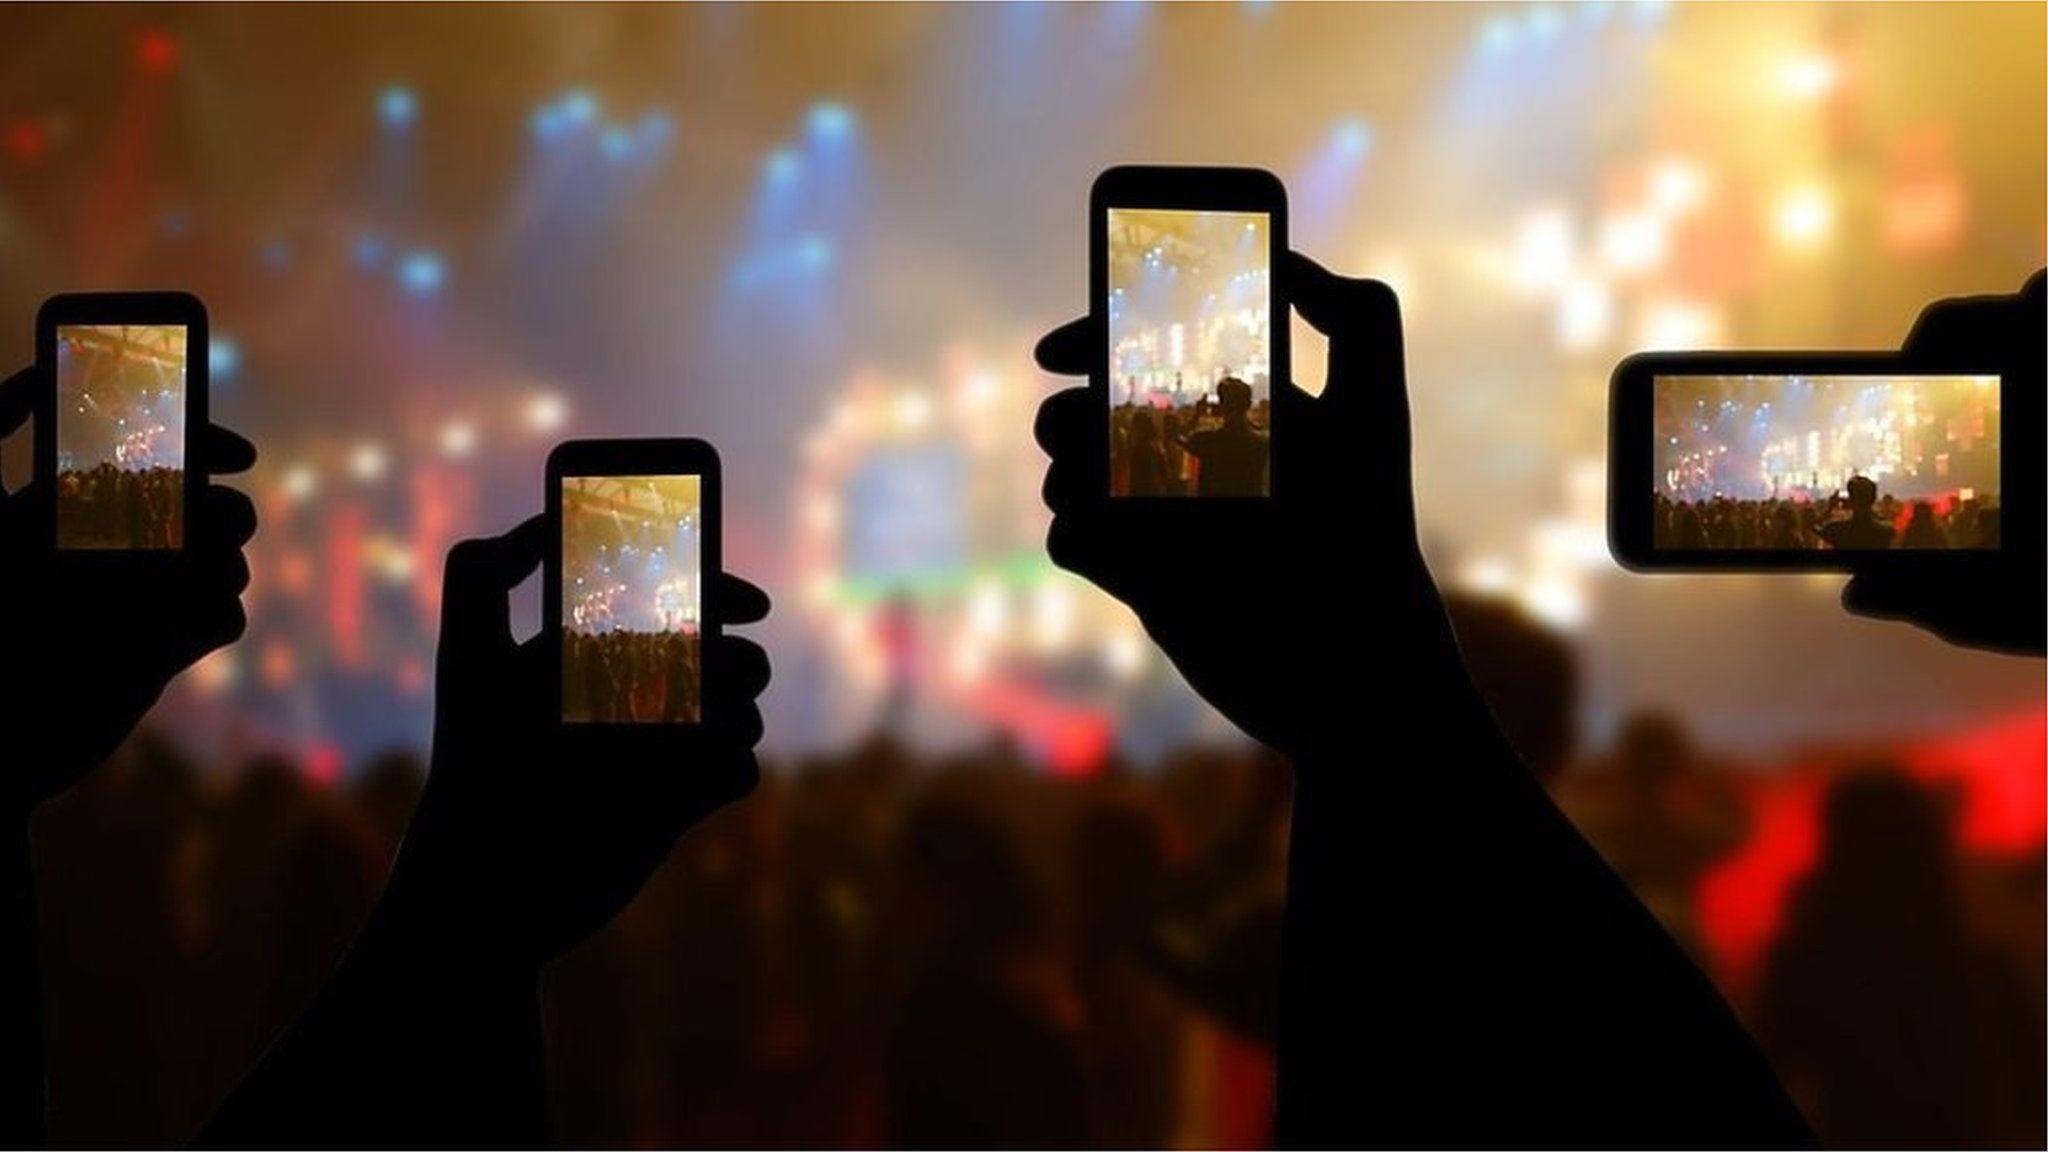 世界的映画監督ベンダース氏、「携帯電話による写真撮影」について力説